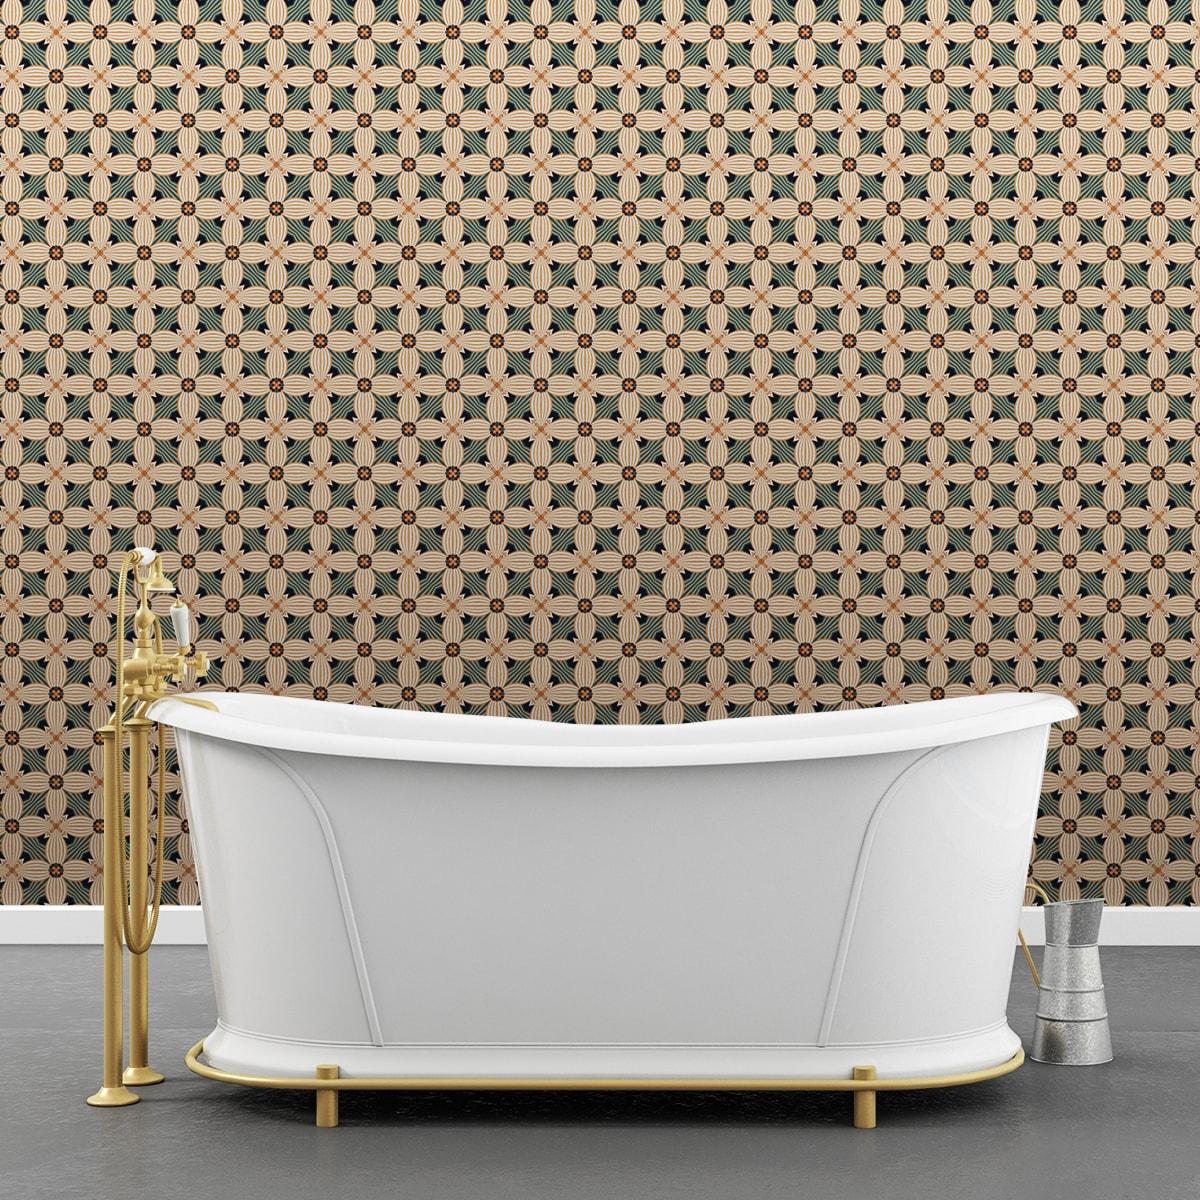 Wandtapete creme: Ornamenttapete Art Deko Lilly Retro Muster in beige, Design Tapete für Ihr Zuhause